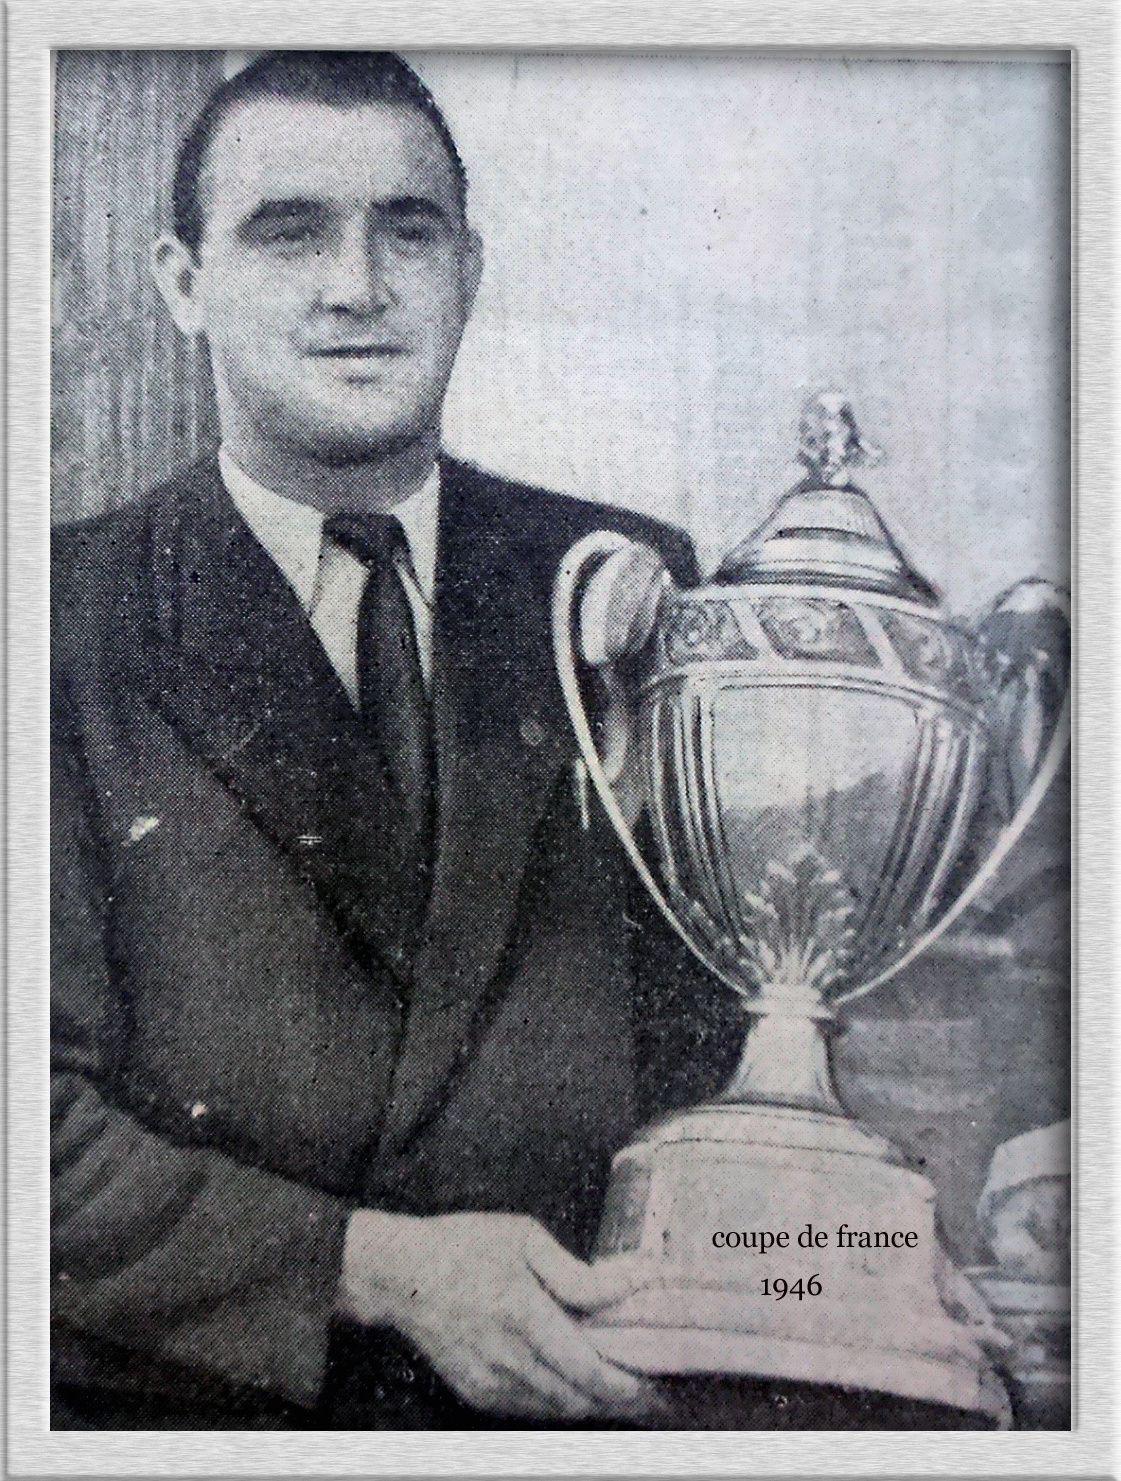 René BIHEL en 1946 Vainqueur de la coupe de France avec Lille.